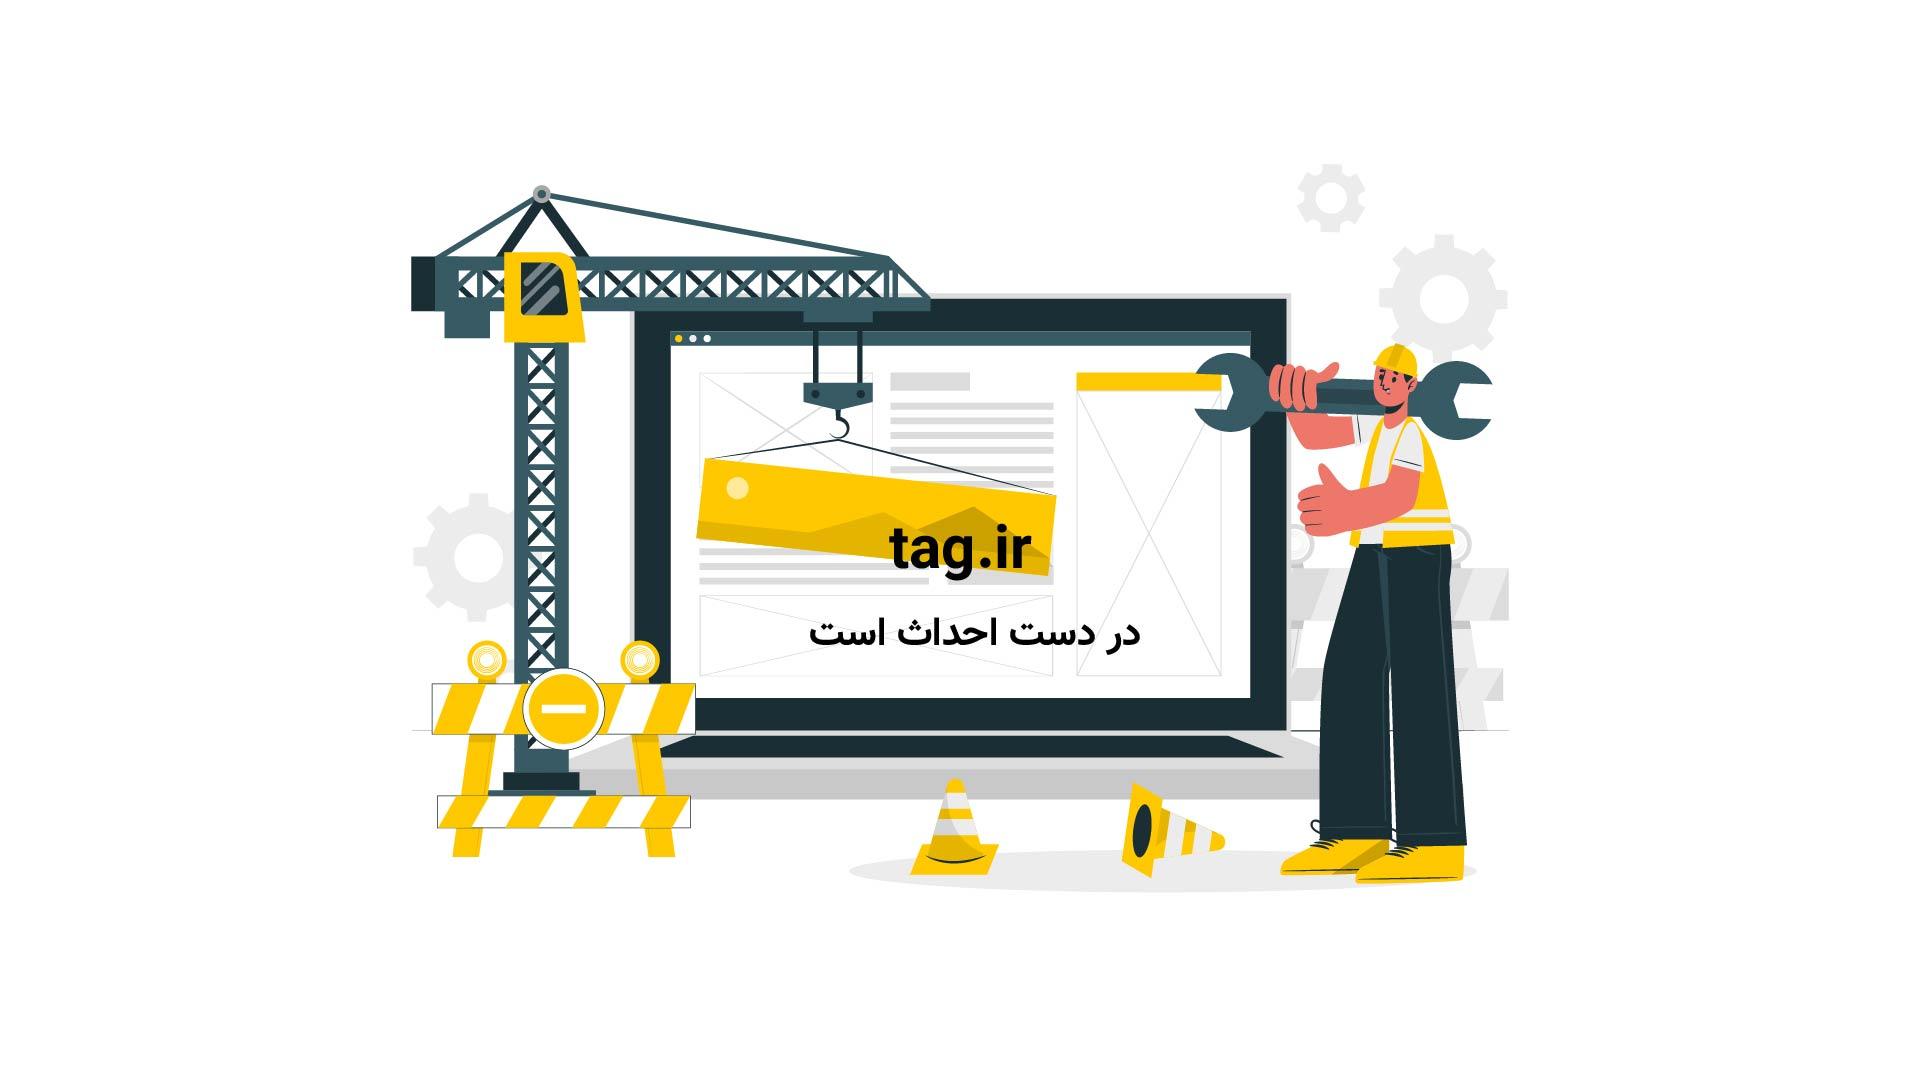 مسابقه شعر خوانی محمد حسین میثاقی و رامبد جوان در برنامه خندوانه   فیلم